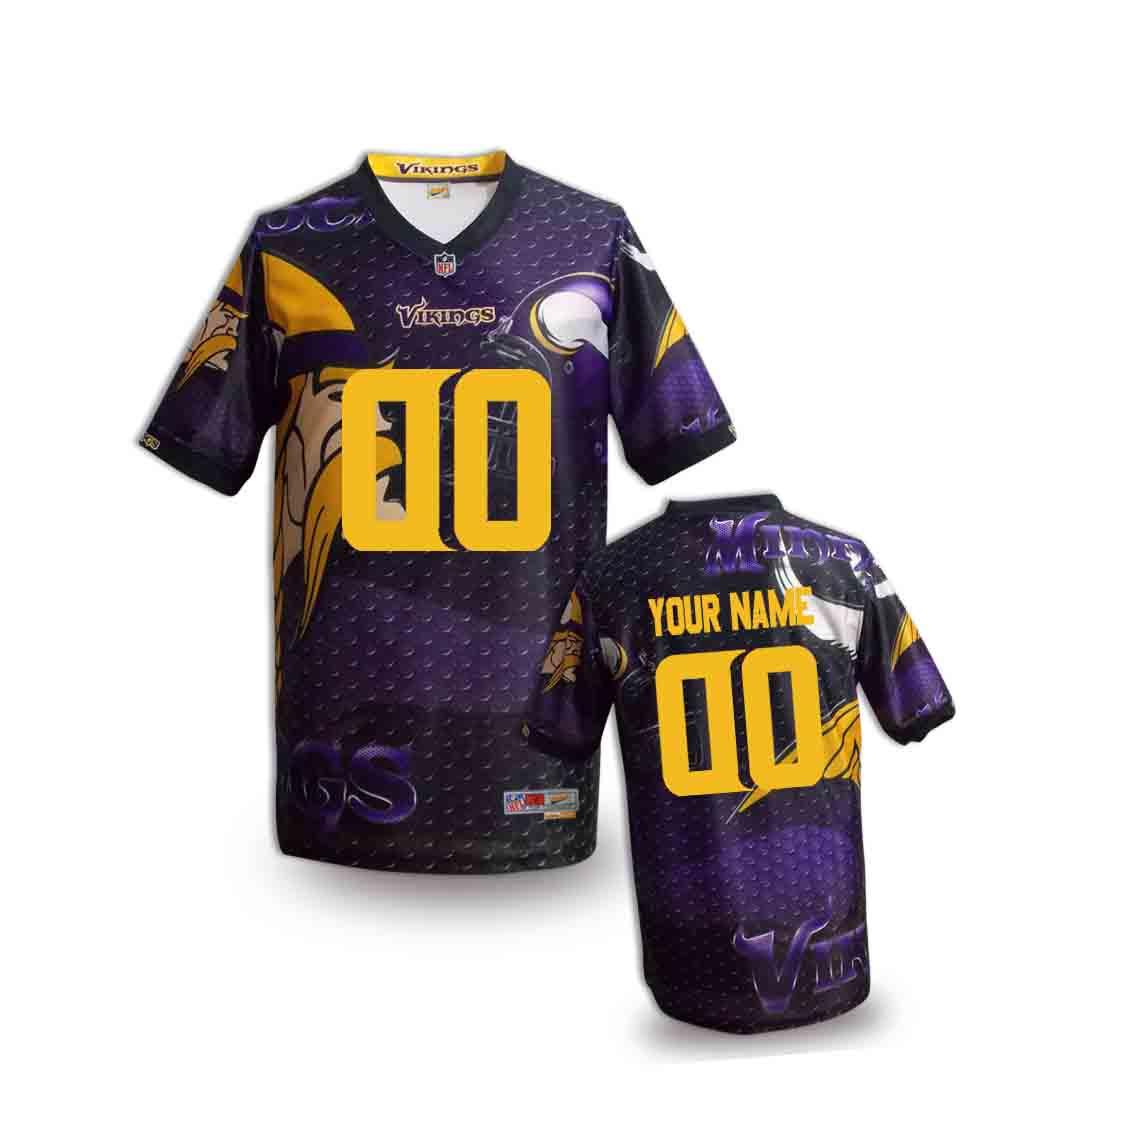 Nike Vikings Customized Fashion Stitched Youth Jerseys06